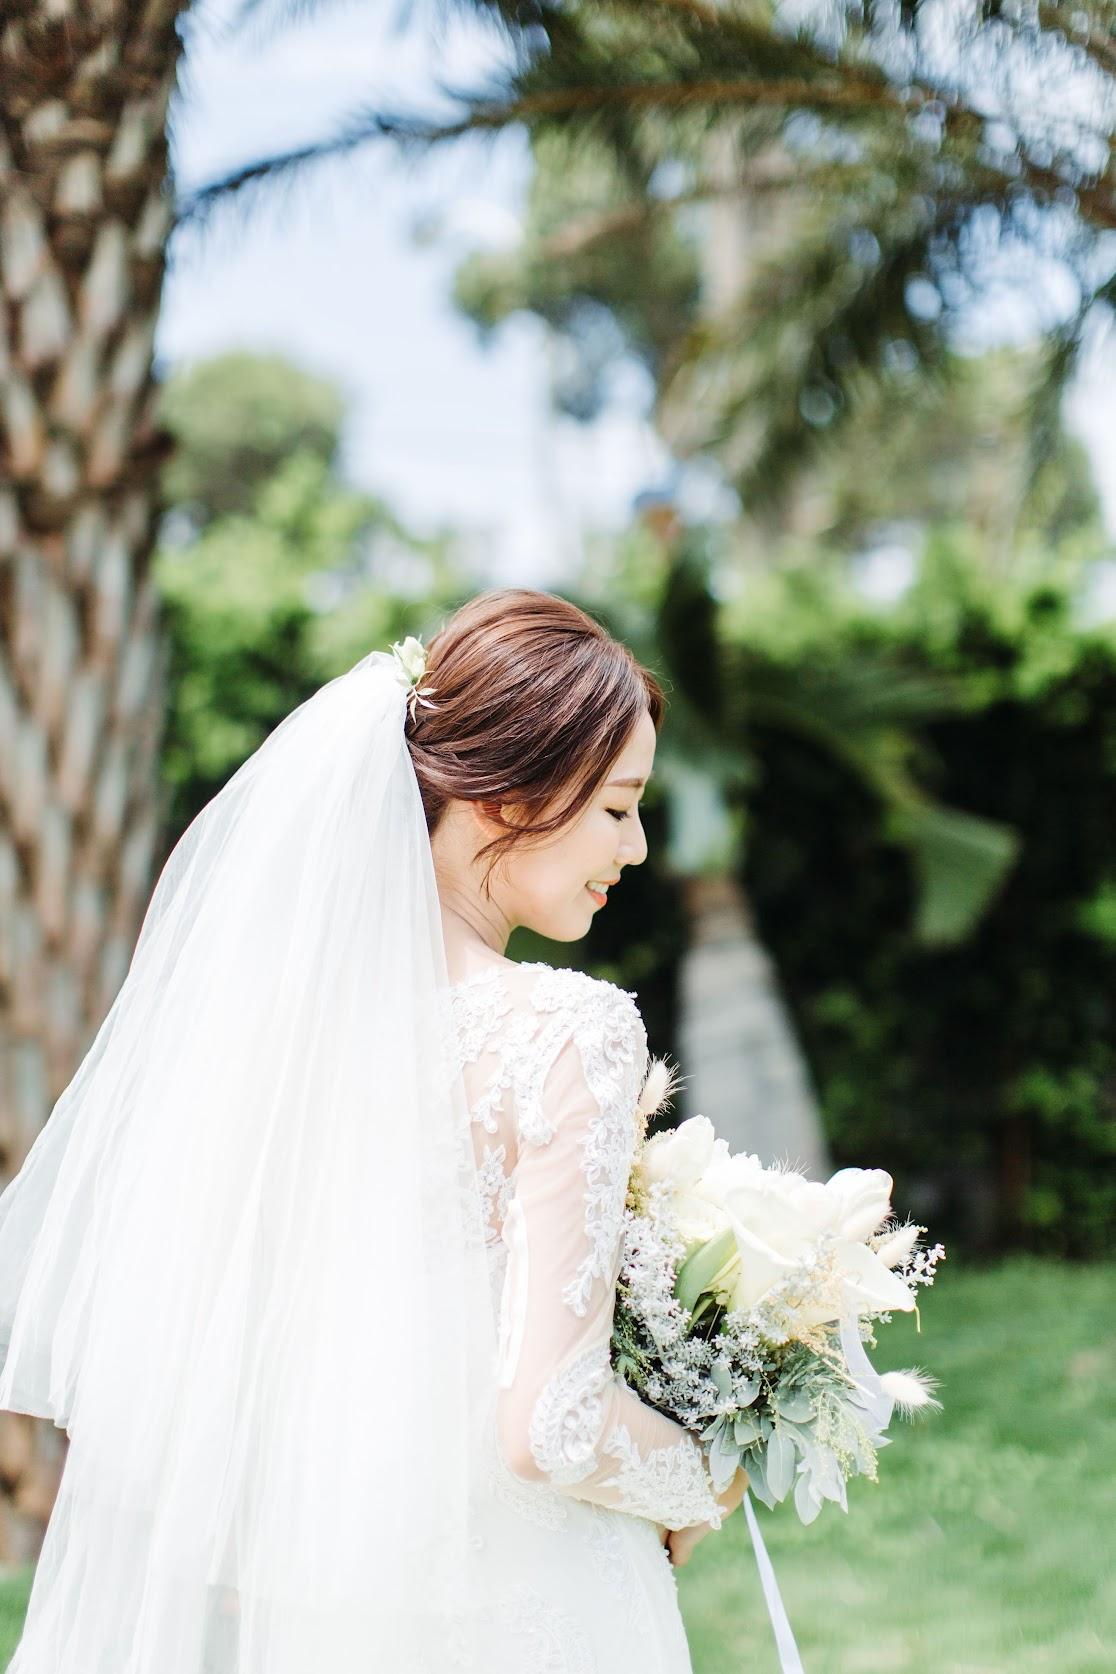 在 新竹 的 港南艾茉爾舉行 陽光正好的戶外 證婚 婚禮 , 是每位新娘夢寐以求的西式婚禮樣式!